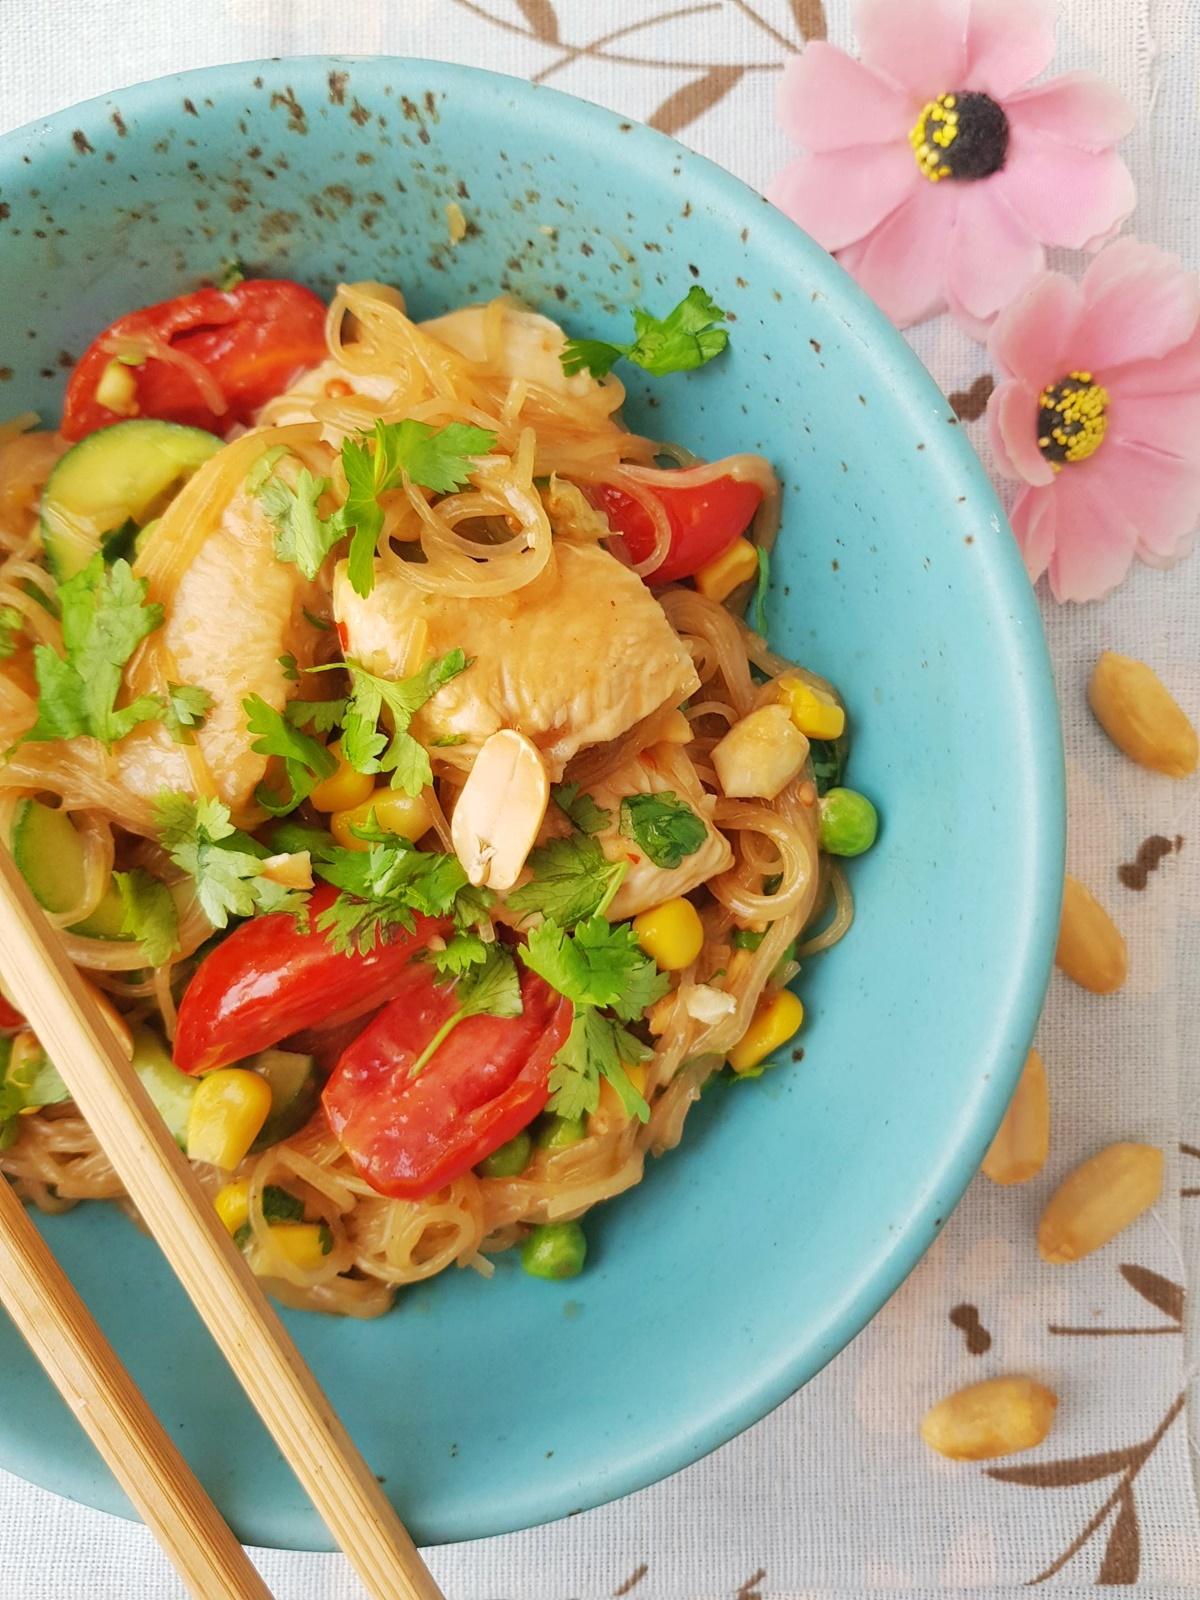 Вкусный и полезный летний салат из лапши Фунчоза, с жареной куриной грудкой и арахисовым сладко-острым соусом. Фото рецепт.